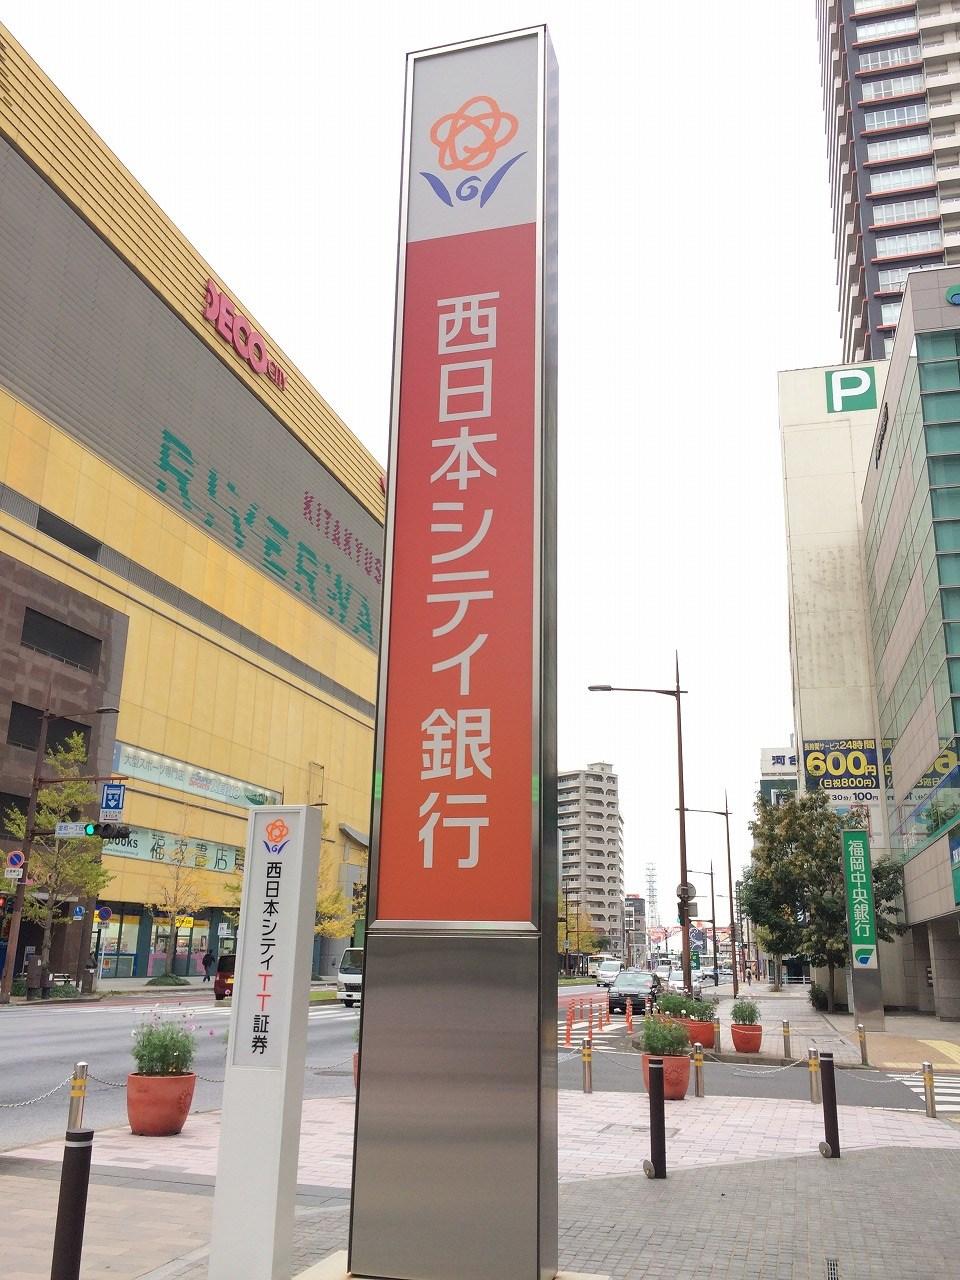 銀行:西日本シティ銀行 ジェイコー九州病院 345m